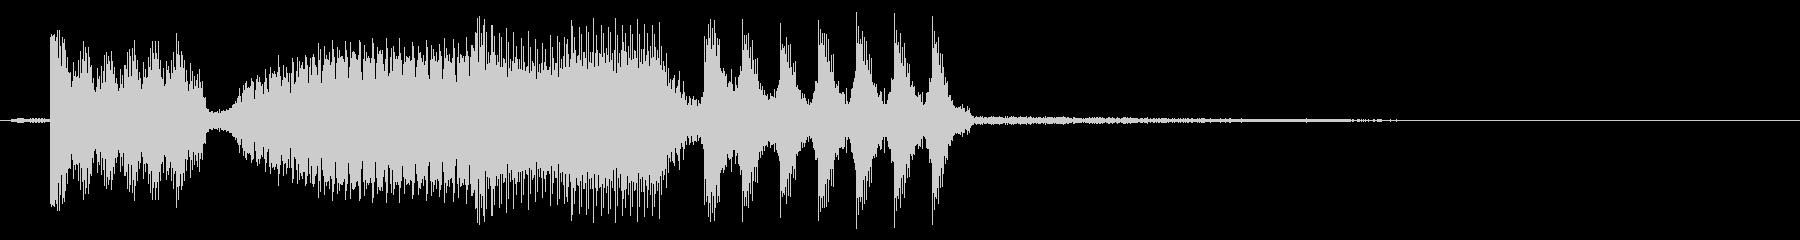 誤作動スワイプ3の未再生の波形